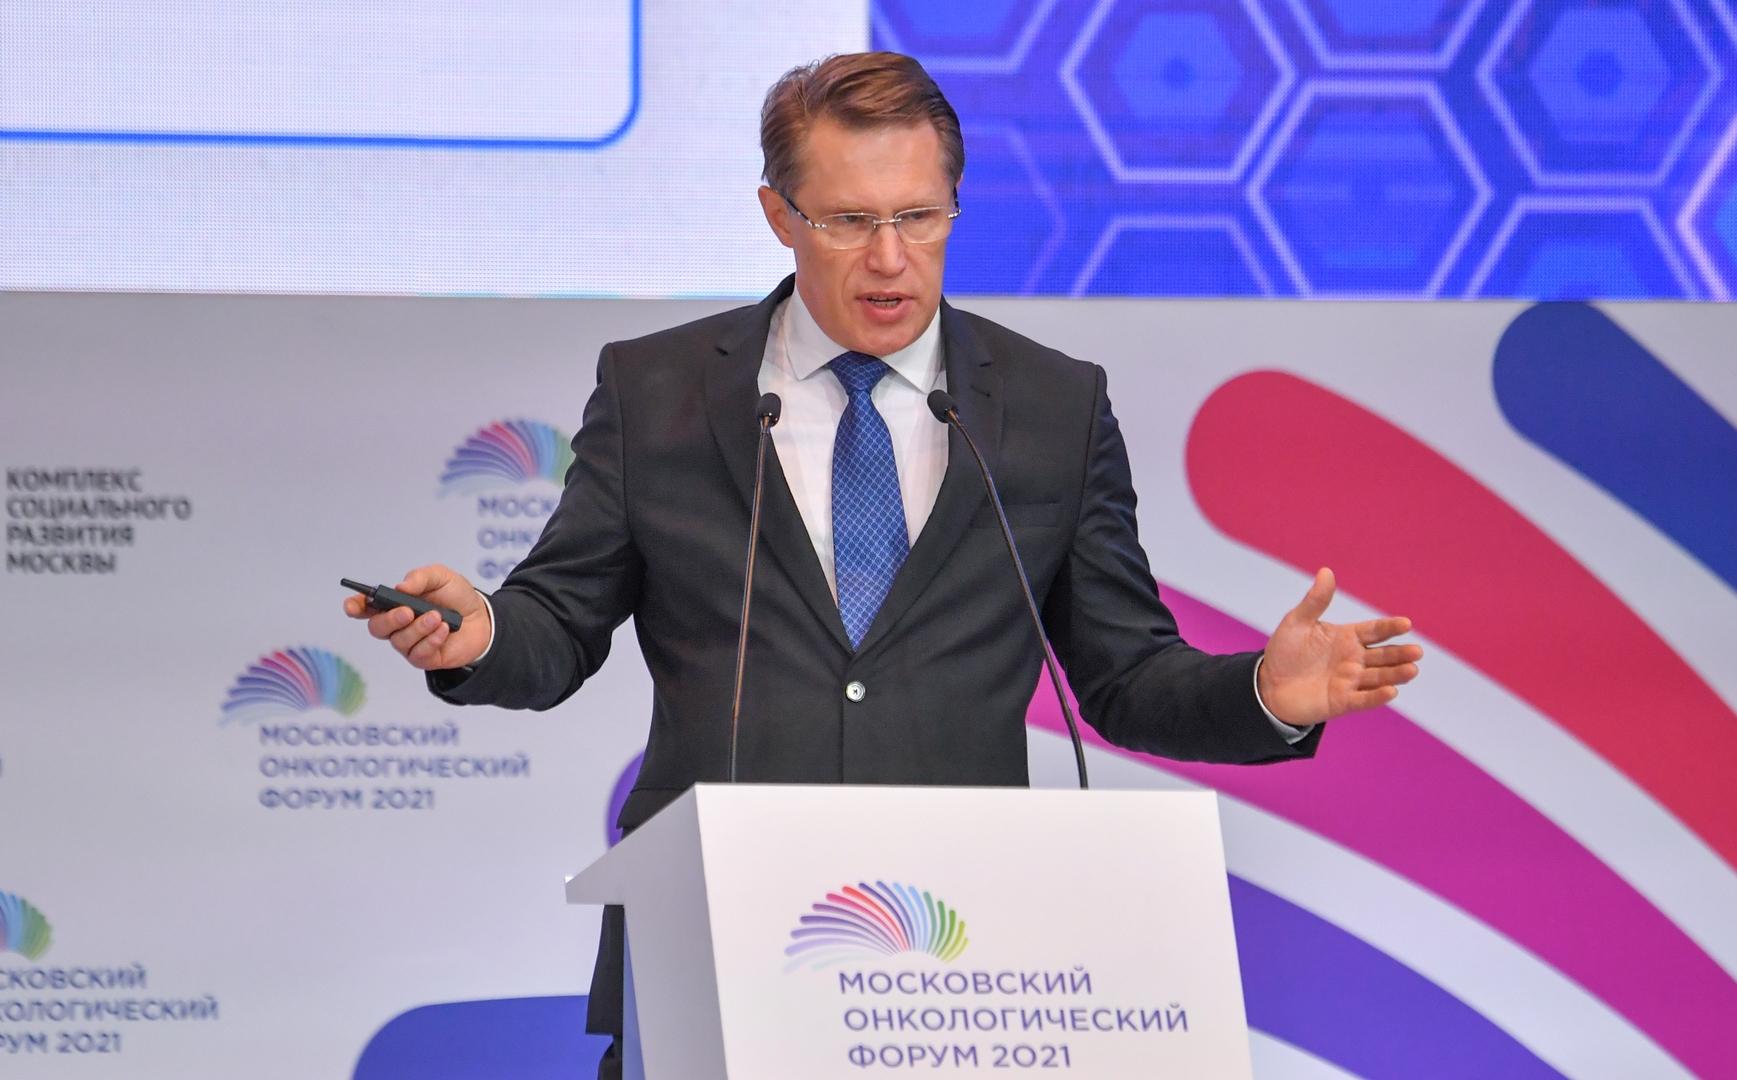 هنغاريا تطلب من روسيا الاعتراف المتبادل بشهادات التطعيم ضد كوفيد